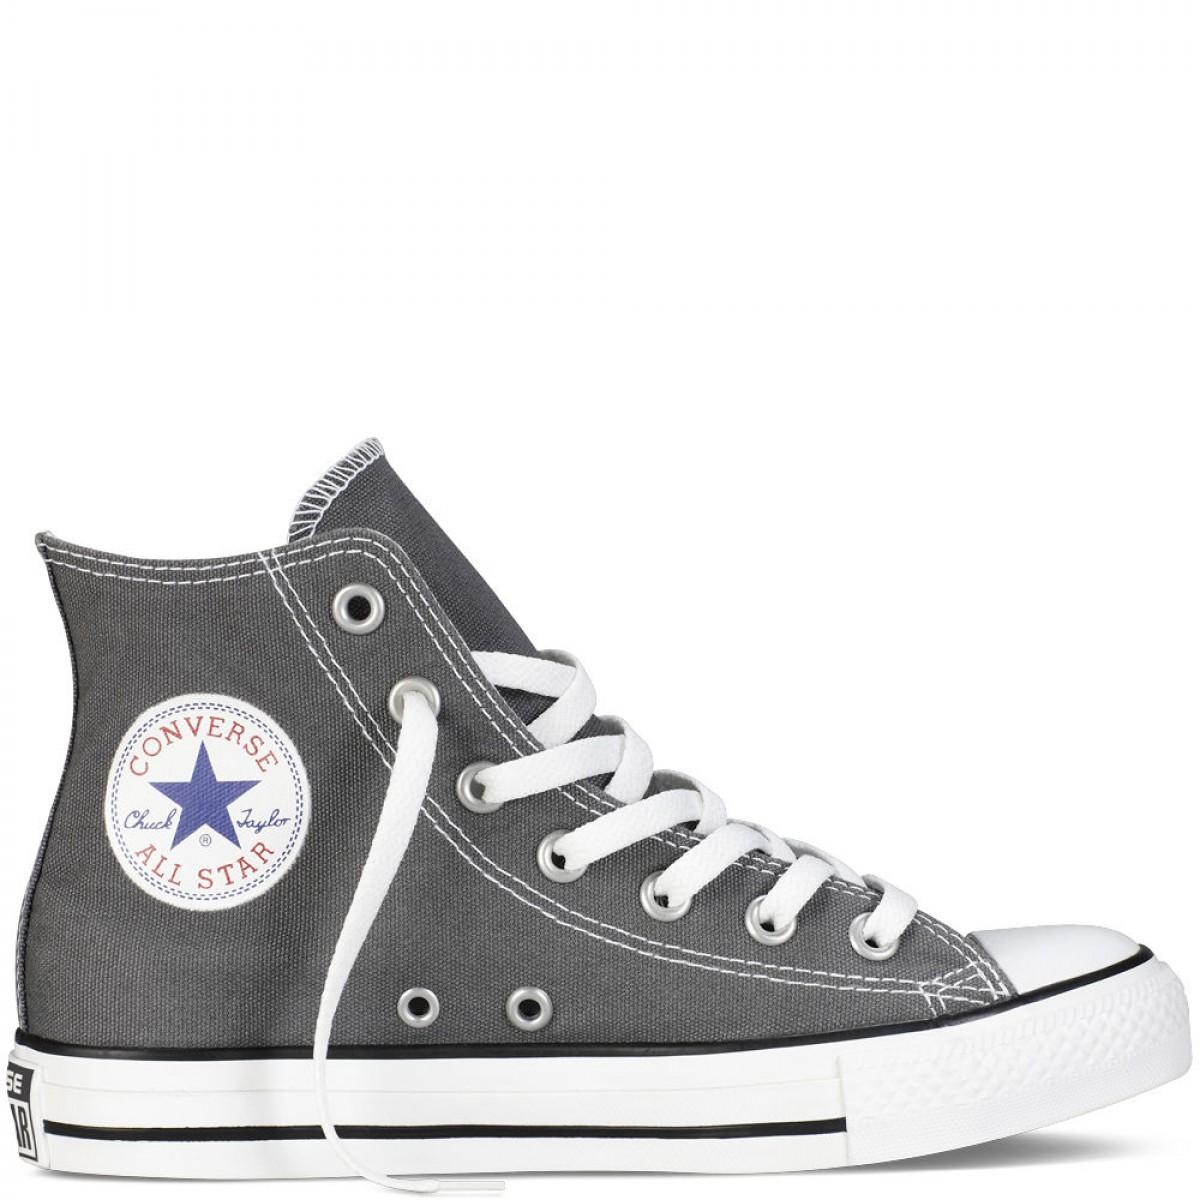 Converse Chuck Taylor All Star Hi charcoal 1J793C